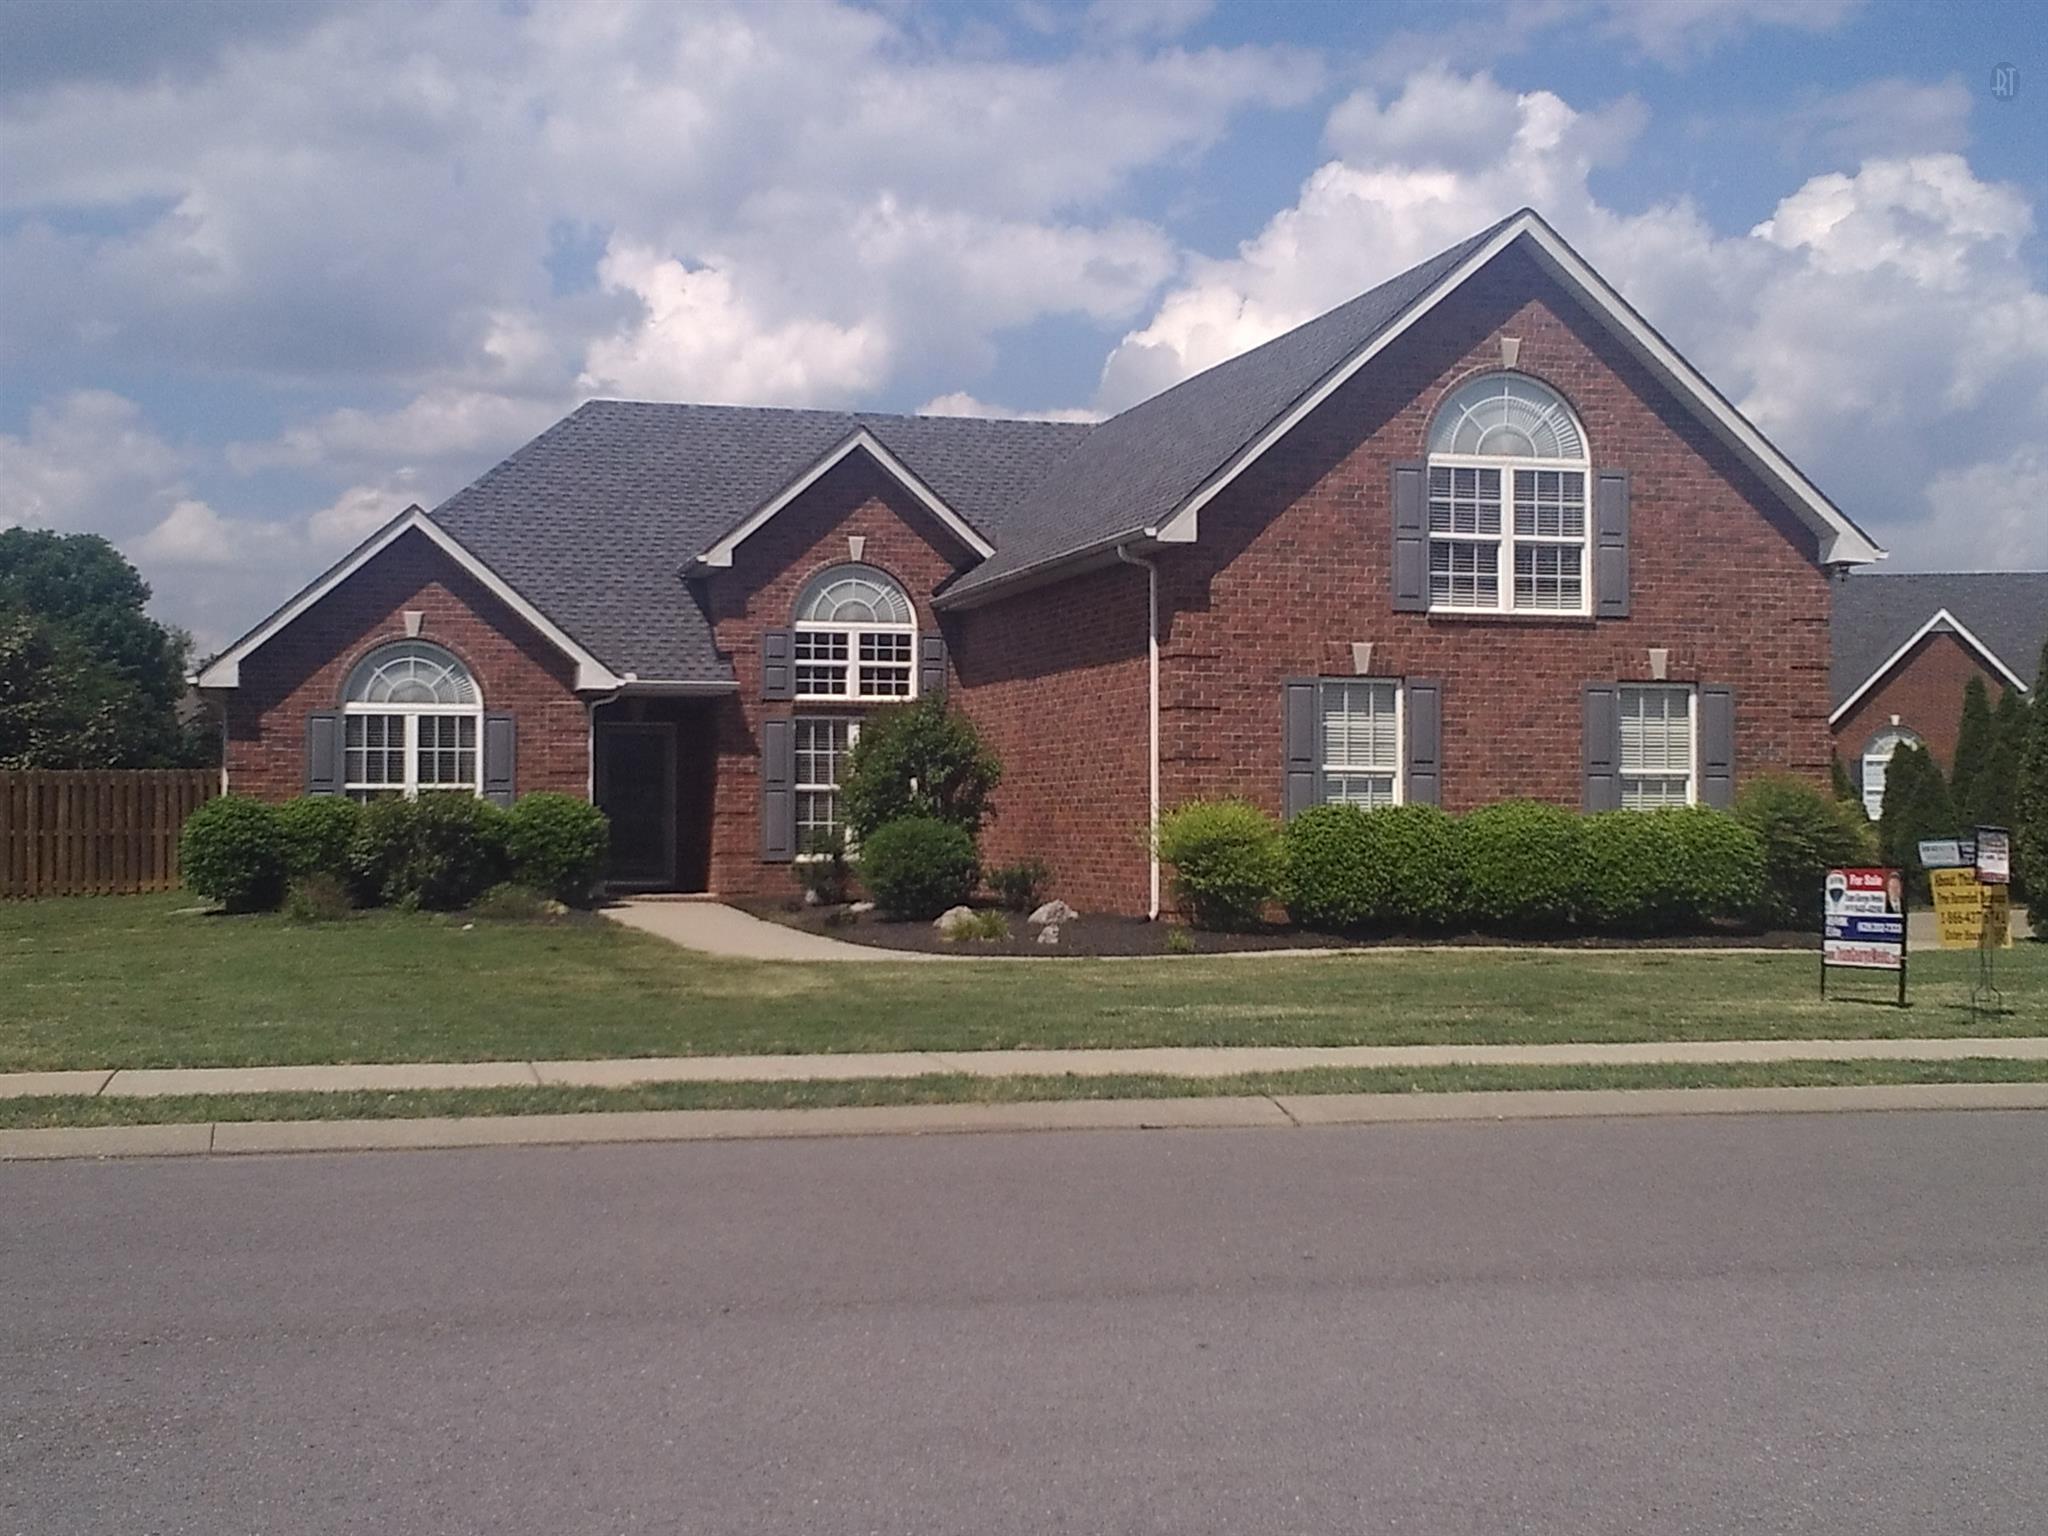 2702 Maylon Dr, Murfreesboro, TN 37128